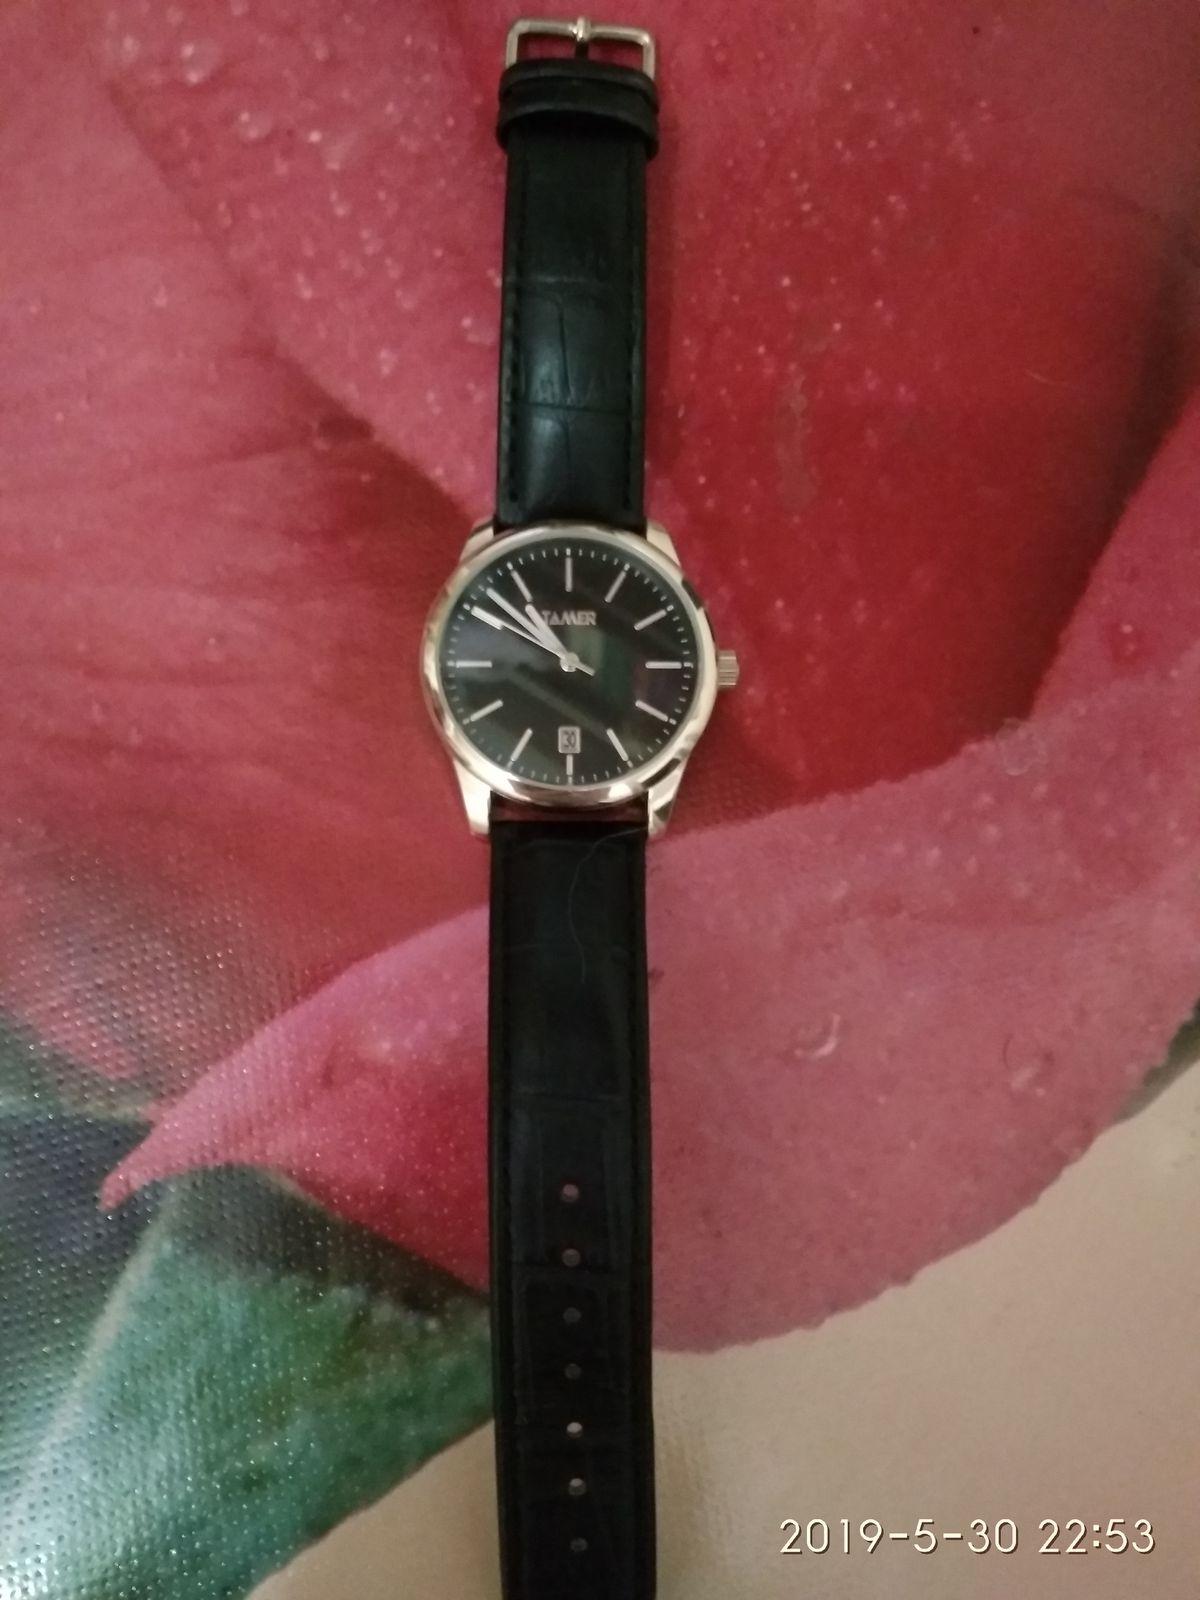 Недорогие, но стильные часы.